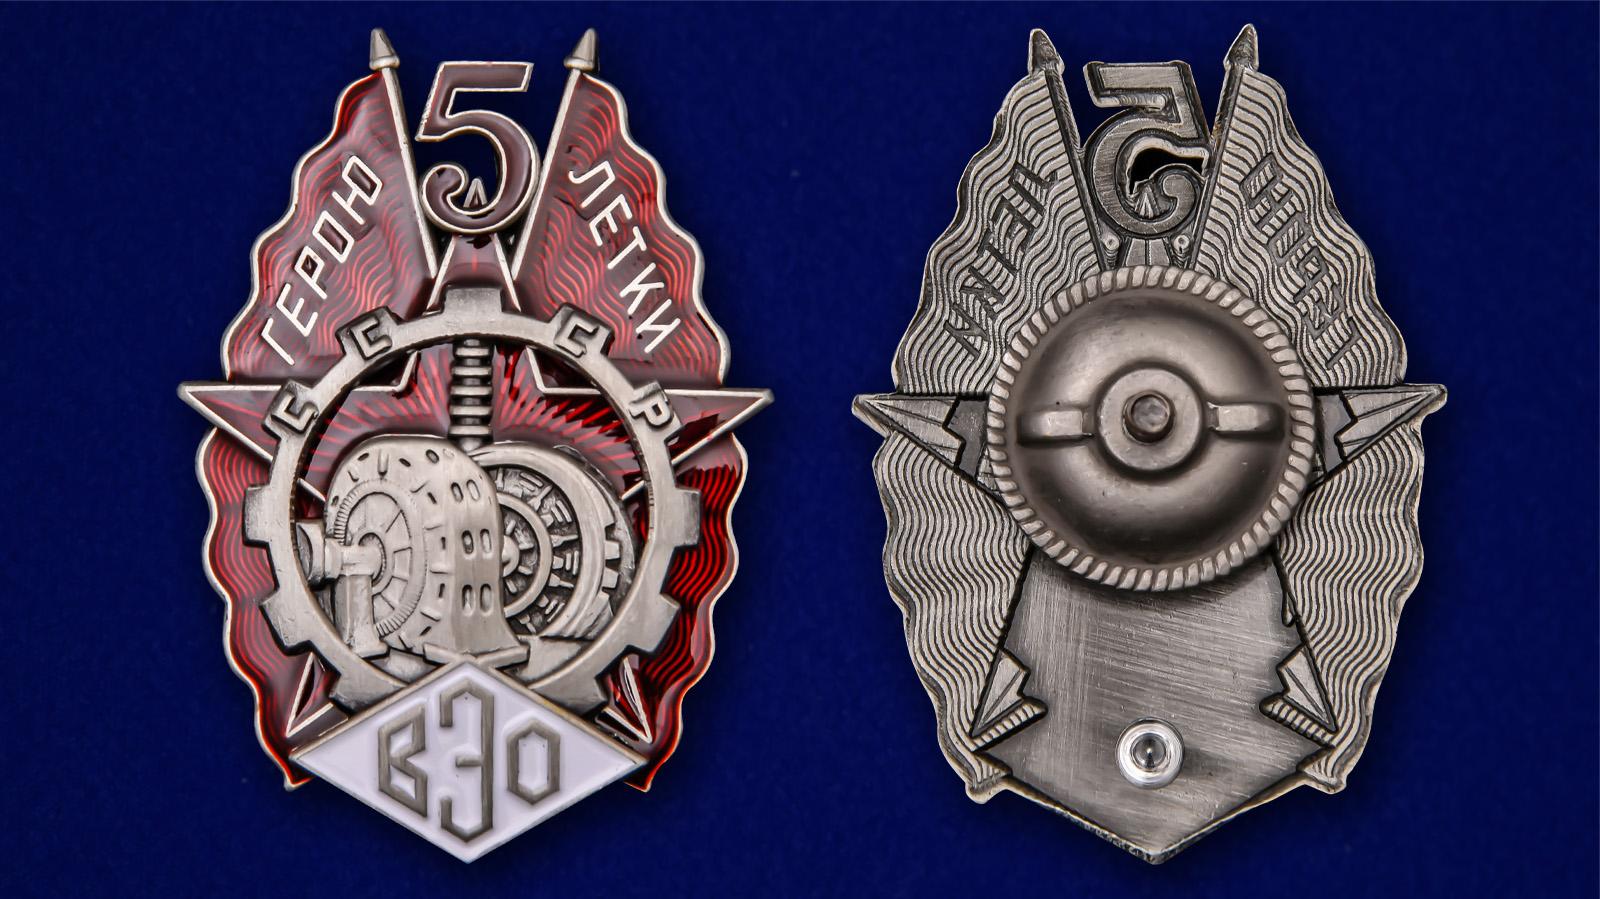 Наградной знак Герою пятилетки (ВЭО) - аверс и реверс